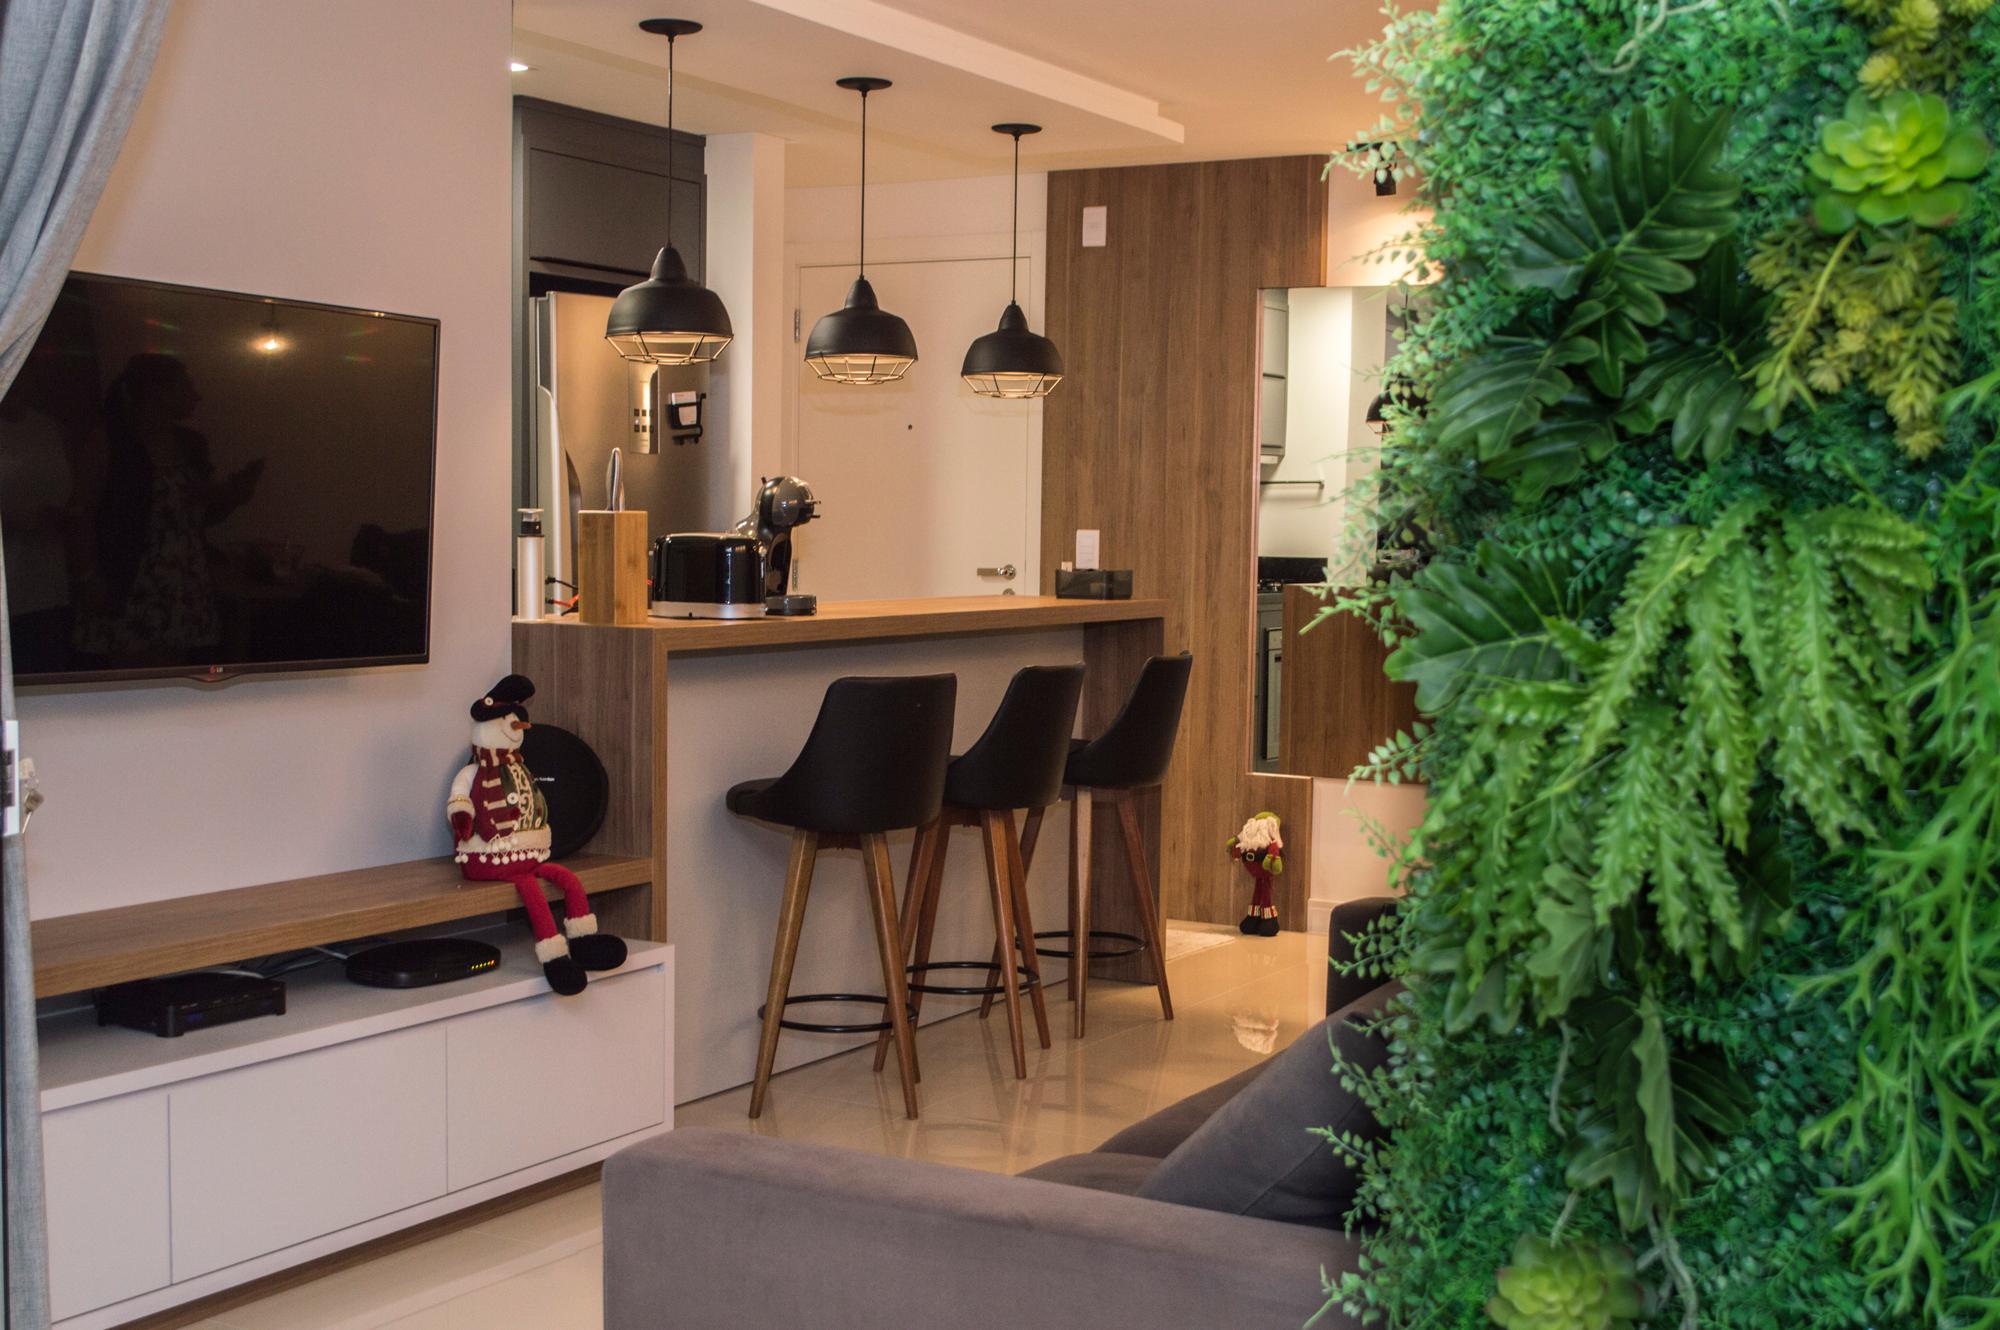 Sala de estar de um apartamento com visão para o balcão da cozinha